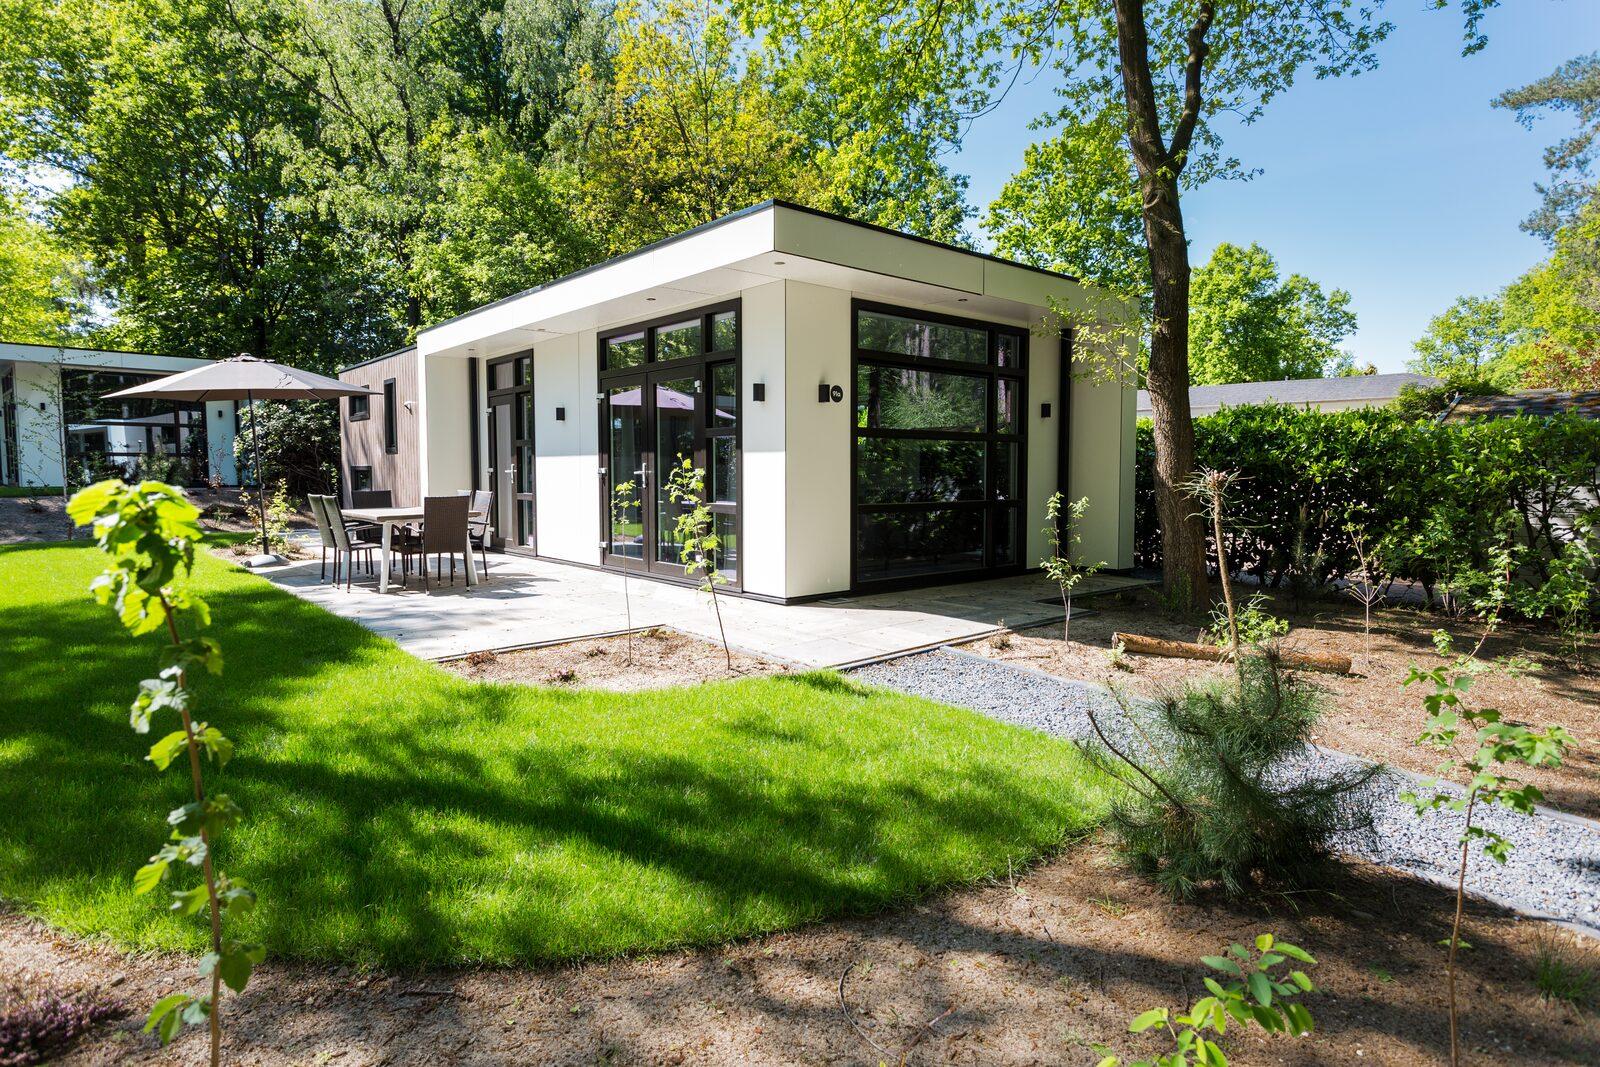 Moderne vakantiewoning met tuin in een bosrijke omgeving